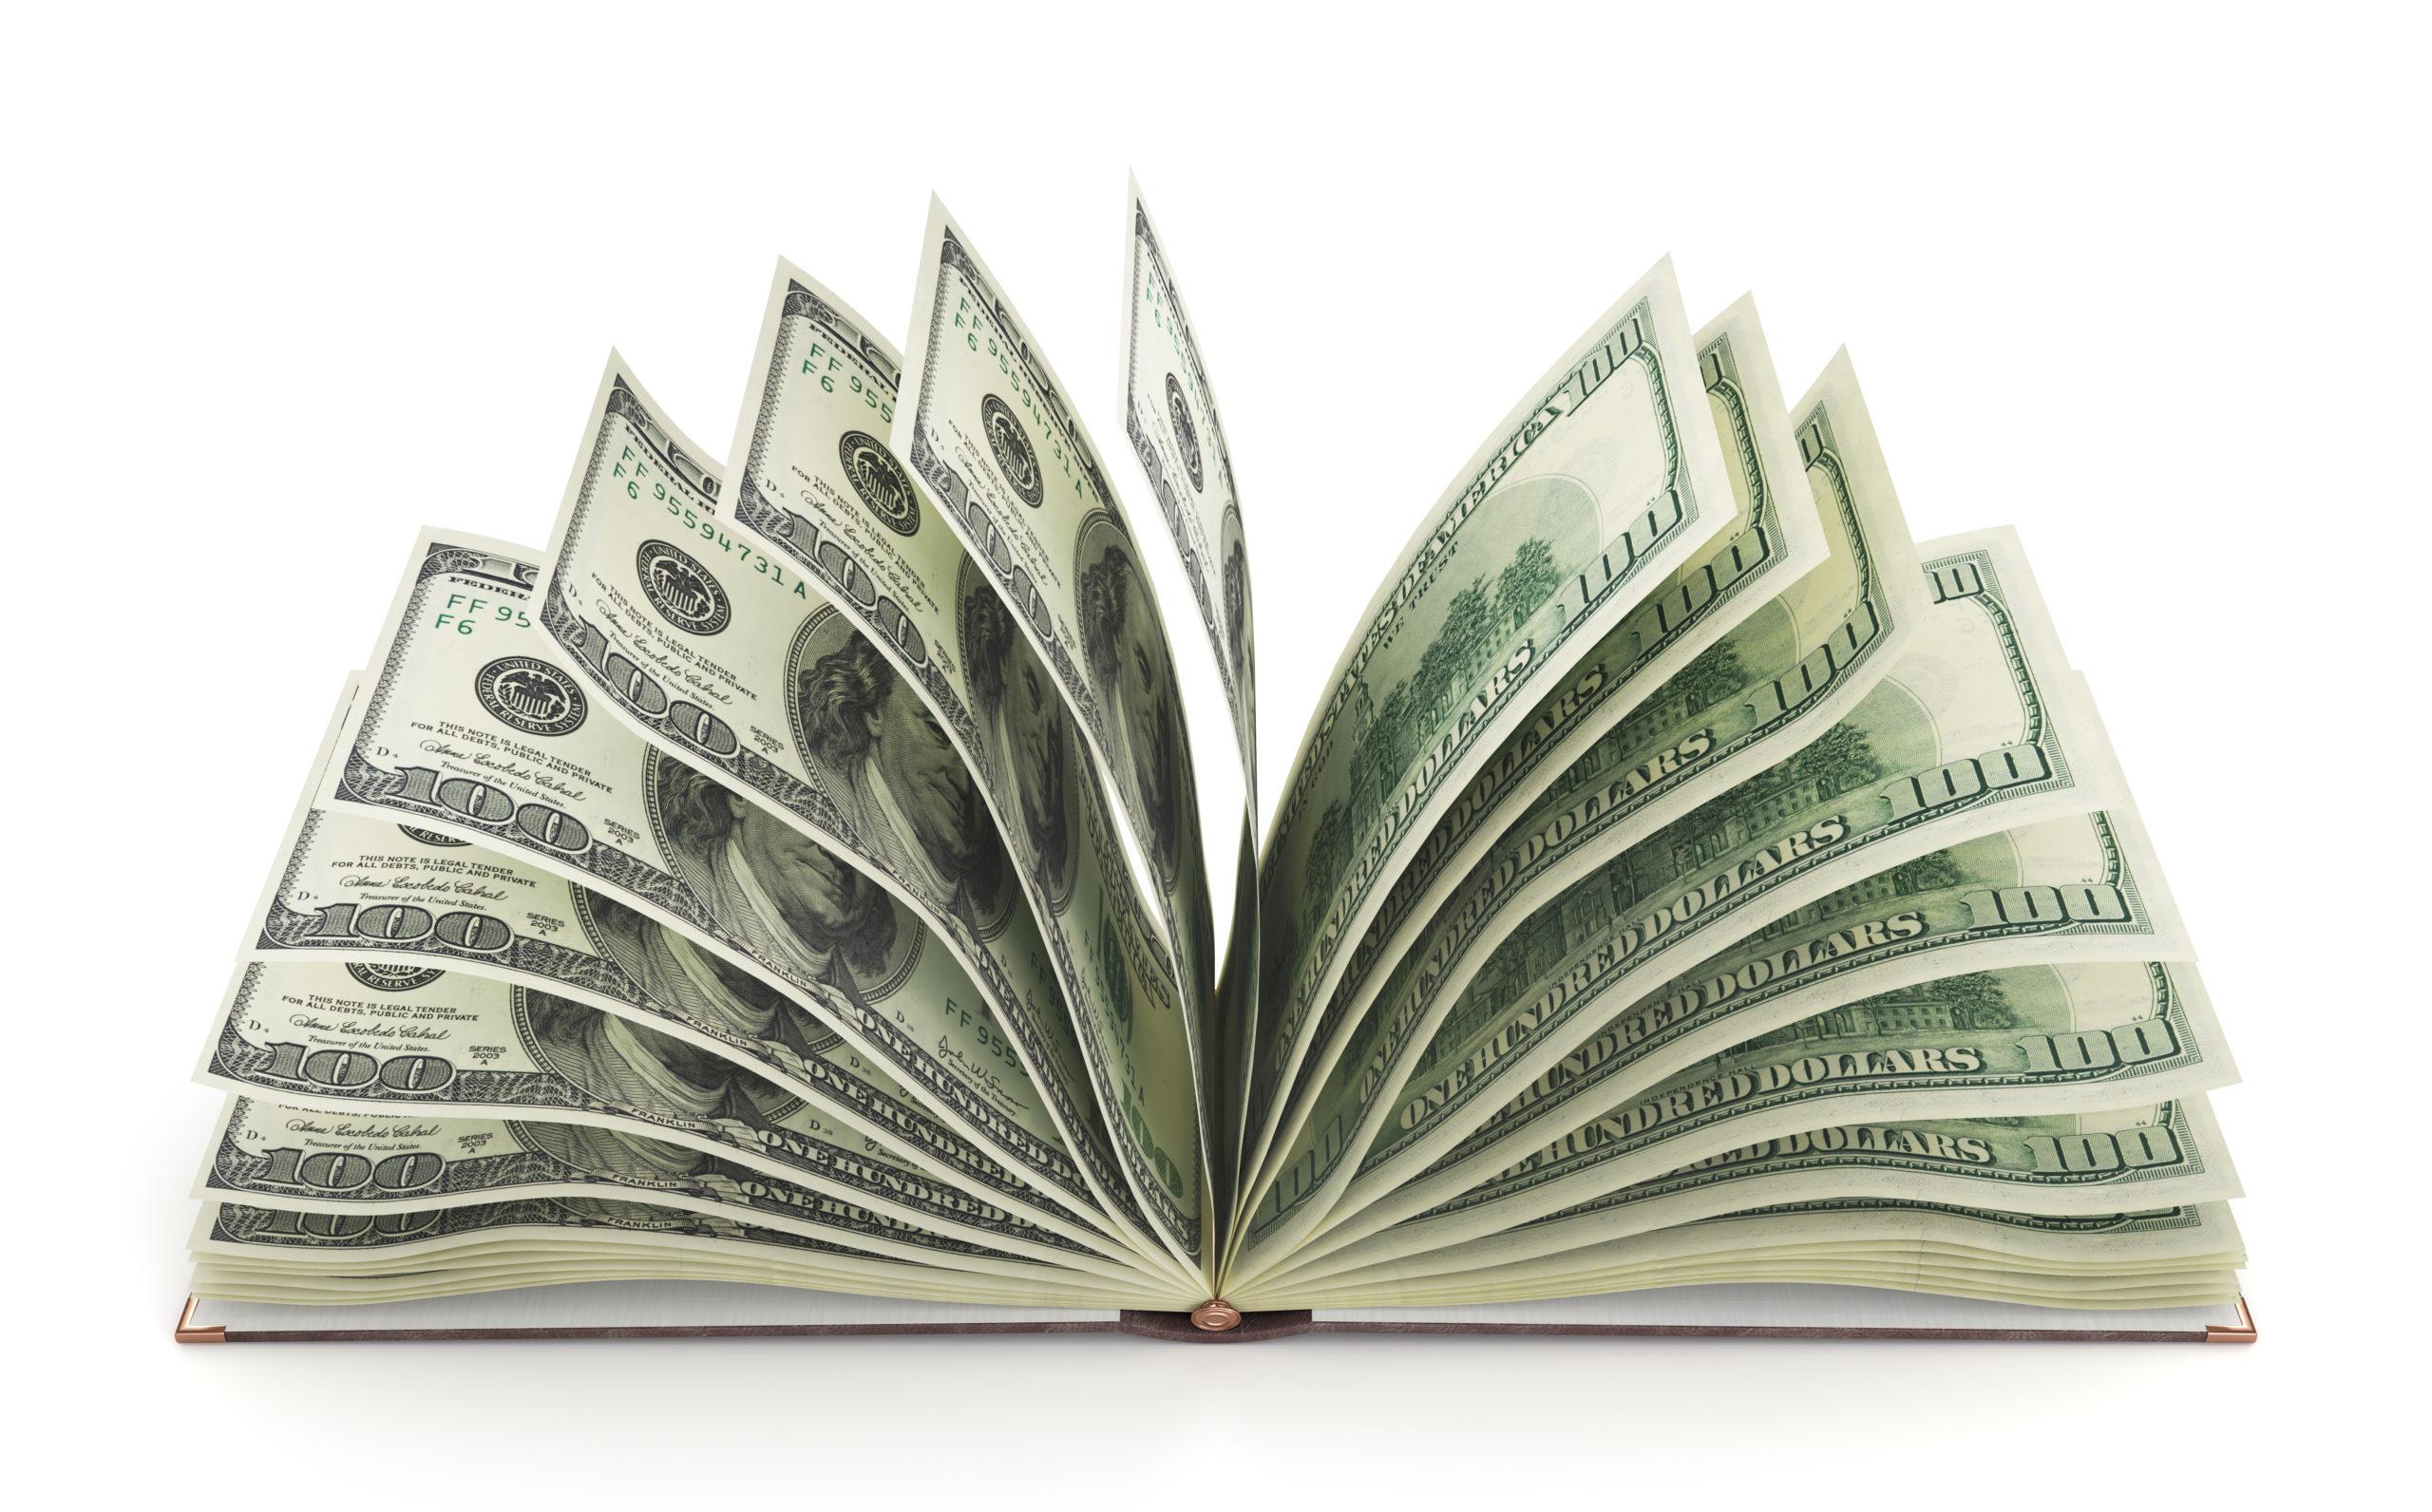 5 libros que recomiendan leer los millonarios